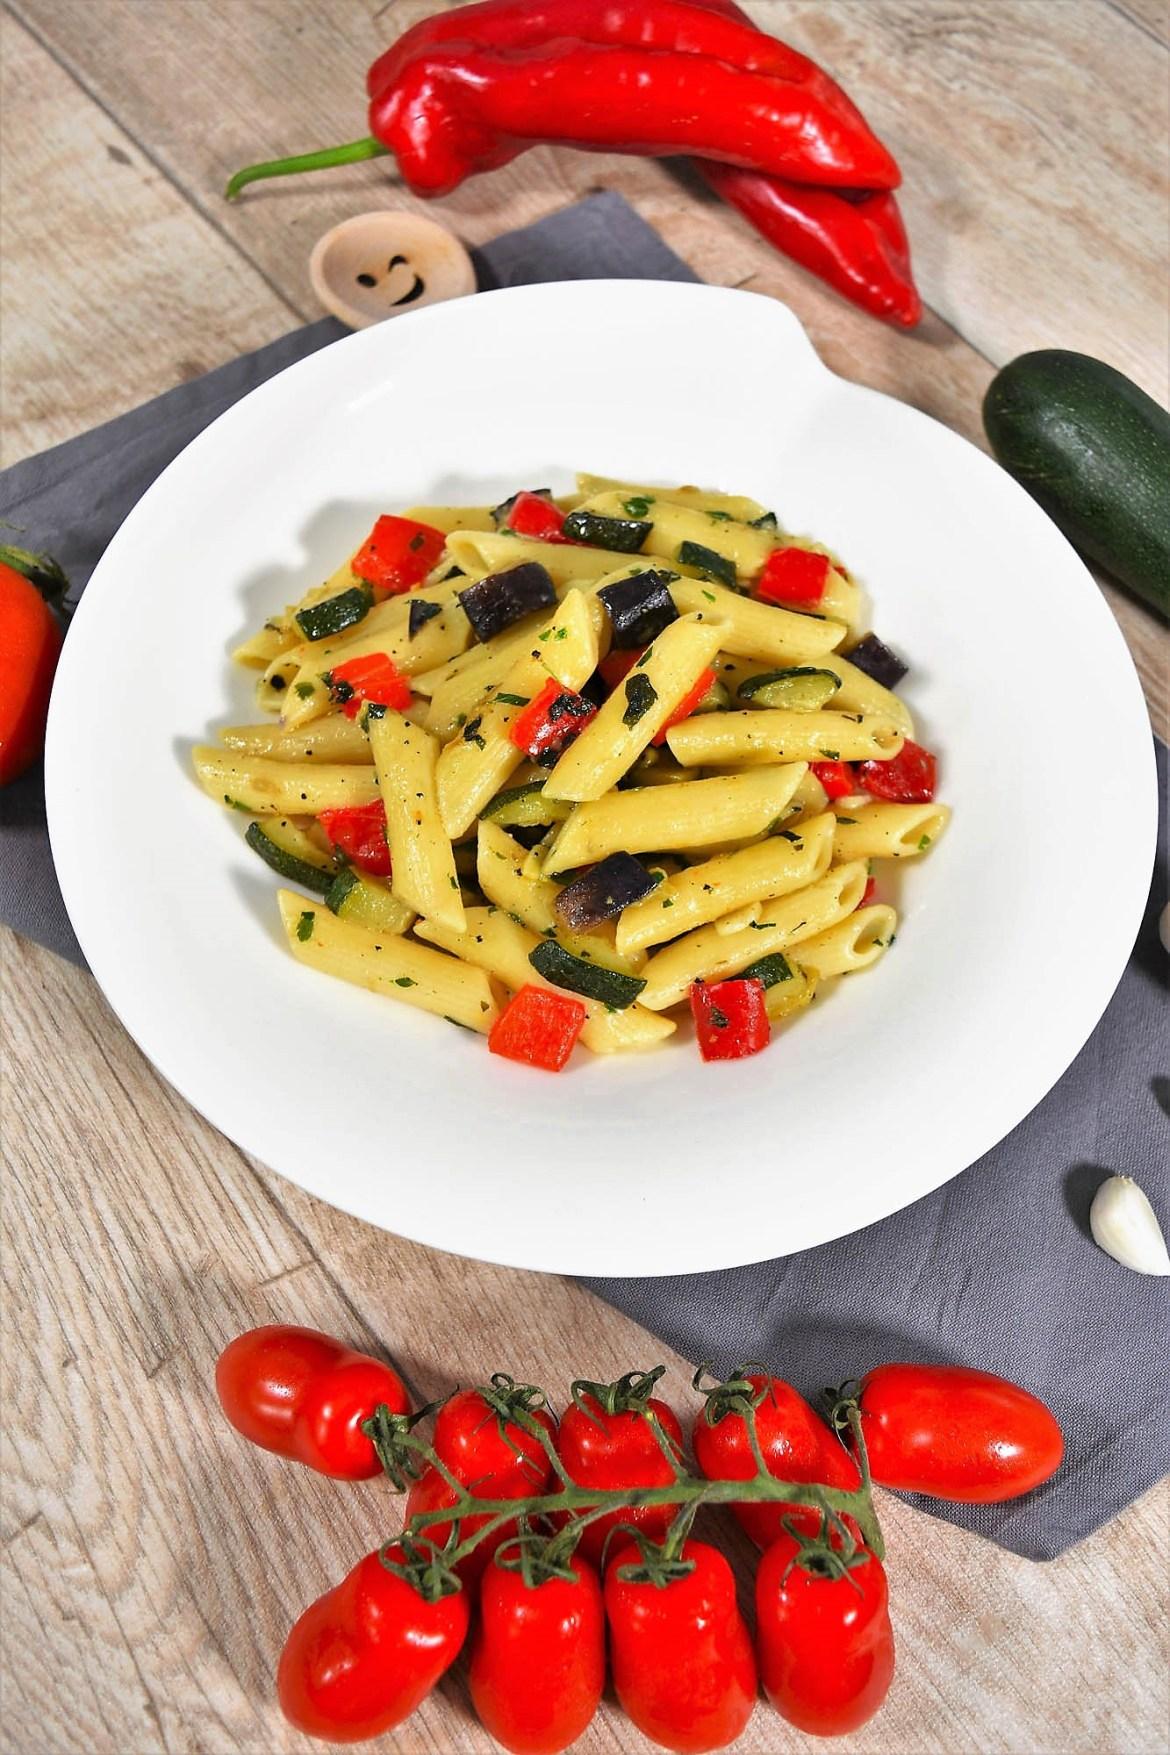 Nudeln mit Gemüse nach mediterraner Art-Gemüsepfanne Pasta-ballesworld